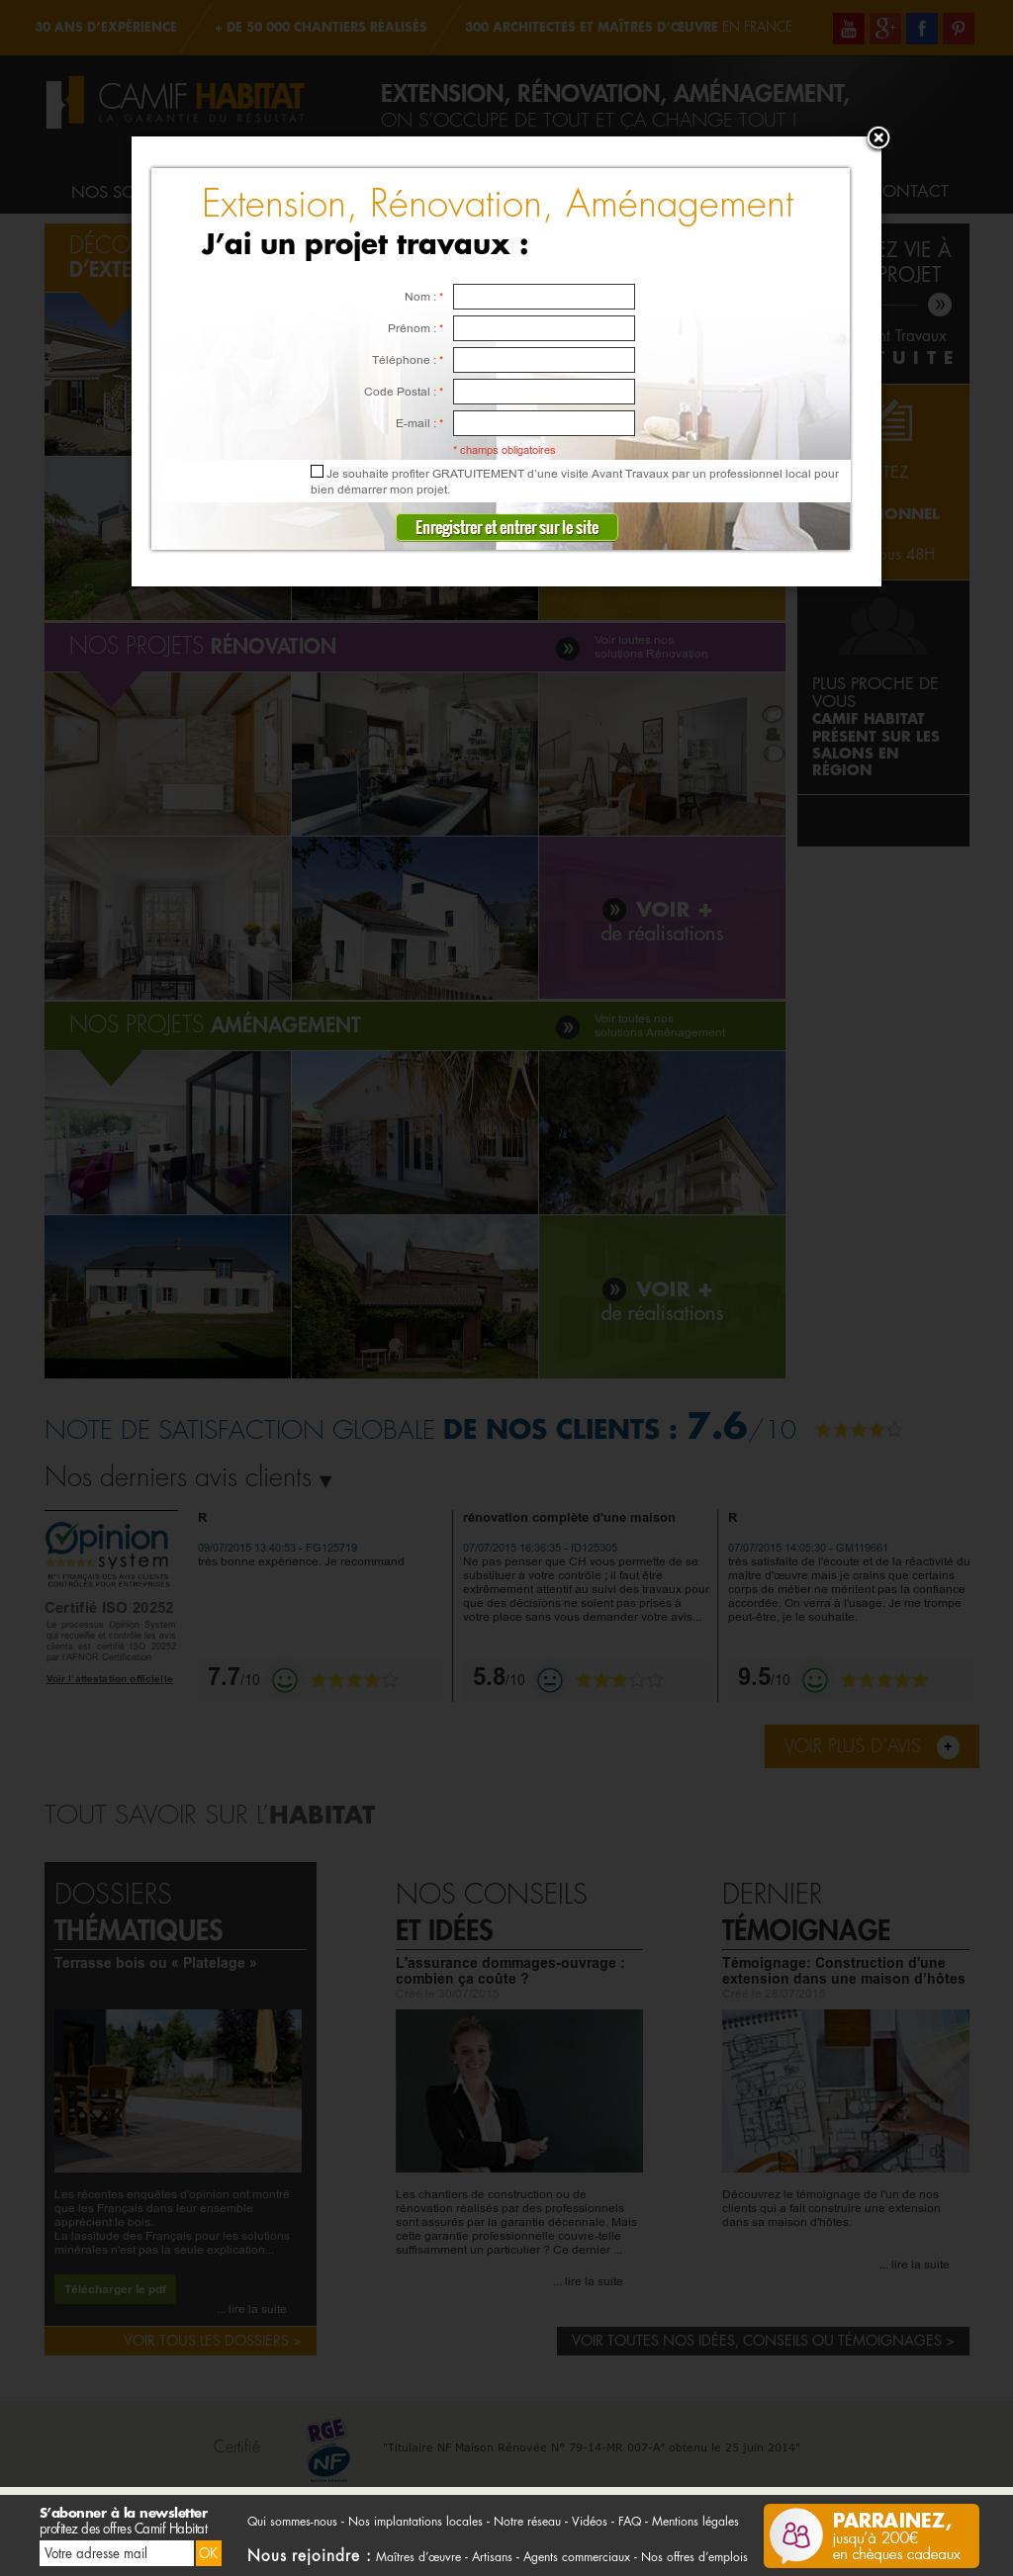 Maison Des Travaux Avis camif habitat competitors, revenue and employees - owler